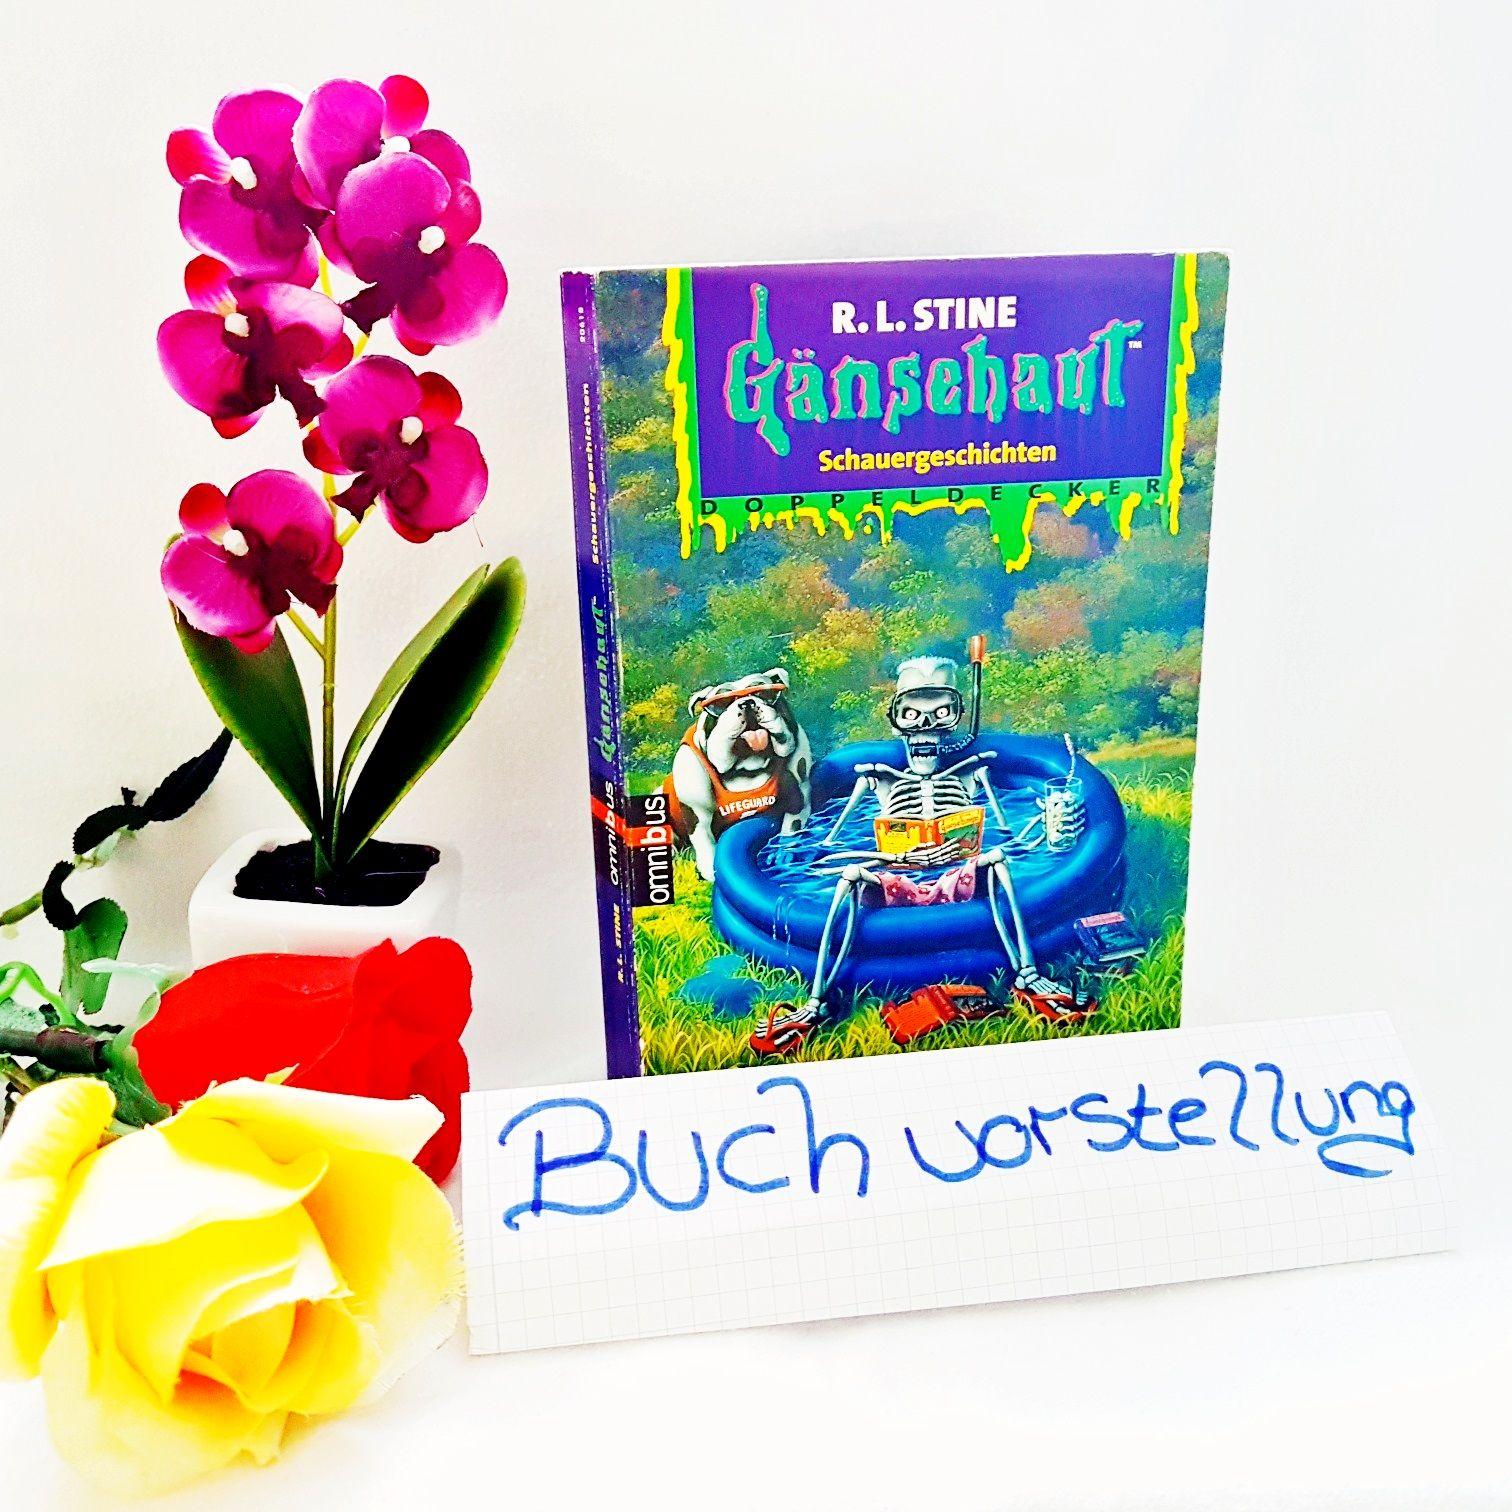 Gänsehaut Schauergeschichten Doppeldecker vom R.L.Stine